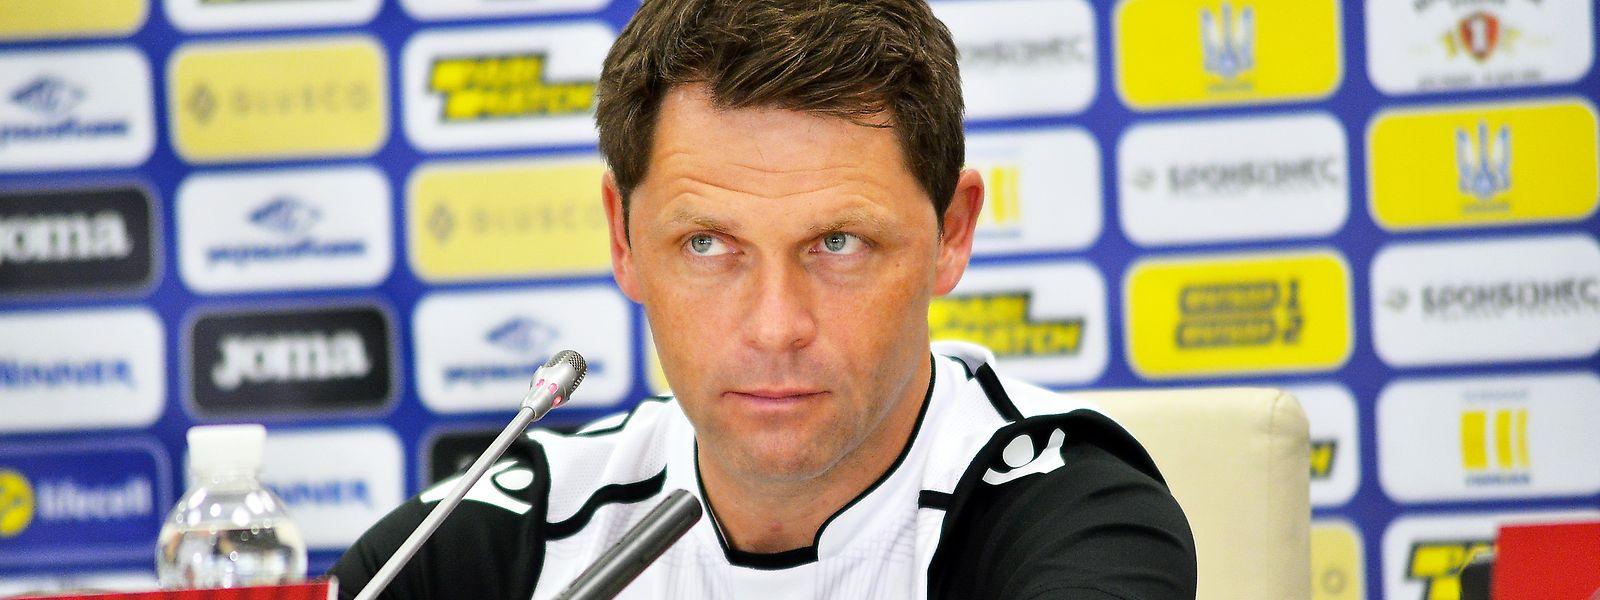 Nationaltrainer Luc Holtz ist zufrieden mit der Leistung seiner Spieler.